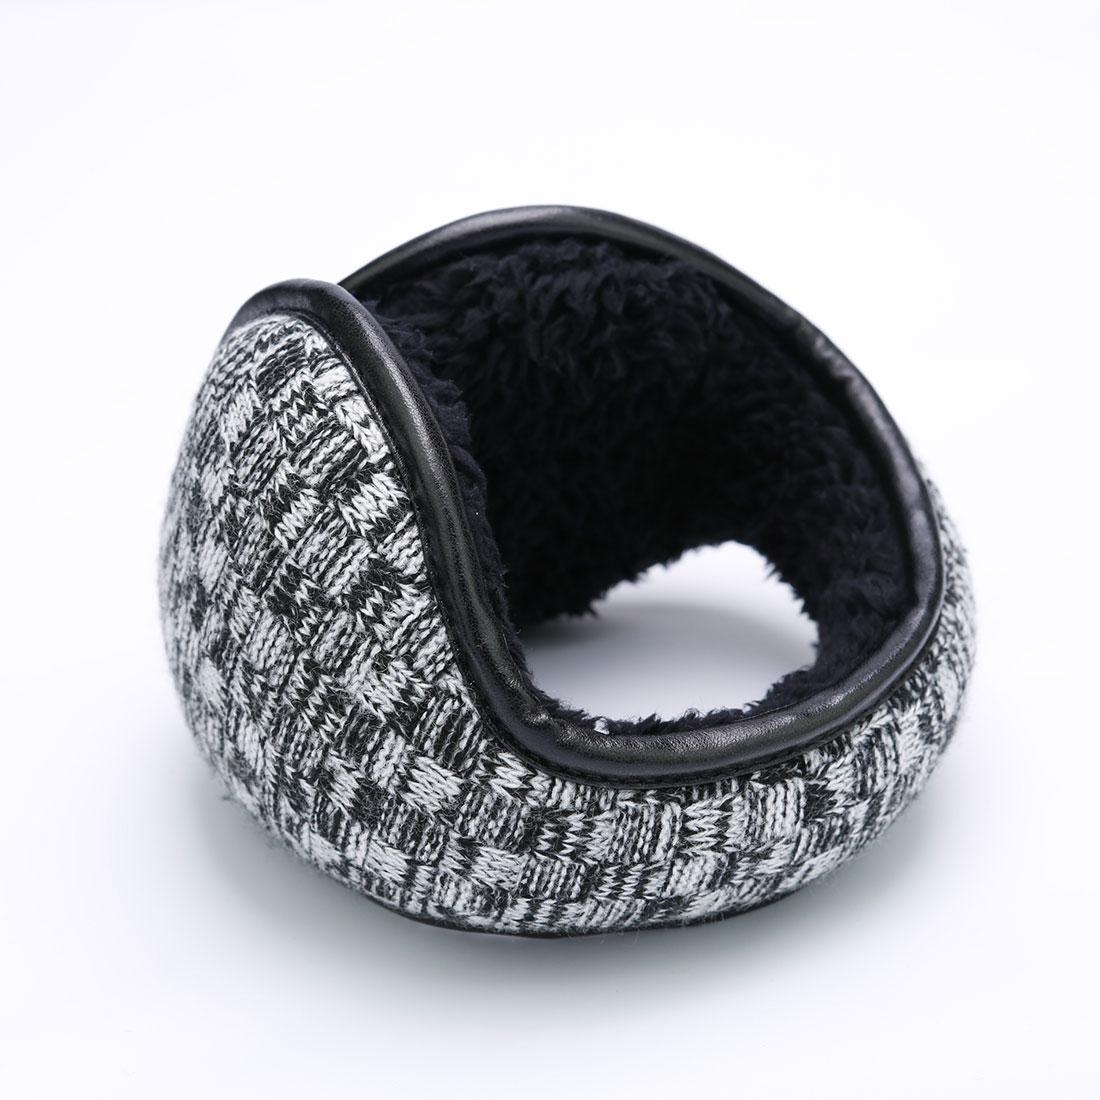 [해외]남자를Hot 겨울 니트 귀고리 여자 접이식 귀 따뜻하게 귀 가방 가변 따뜻한 인형 귀고리 Earflap 다시 착용/Hot Winter Knitted Earmuffs For Men Women Foldable Ear Warmers Ear Bag Adjustable